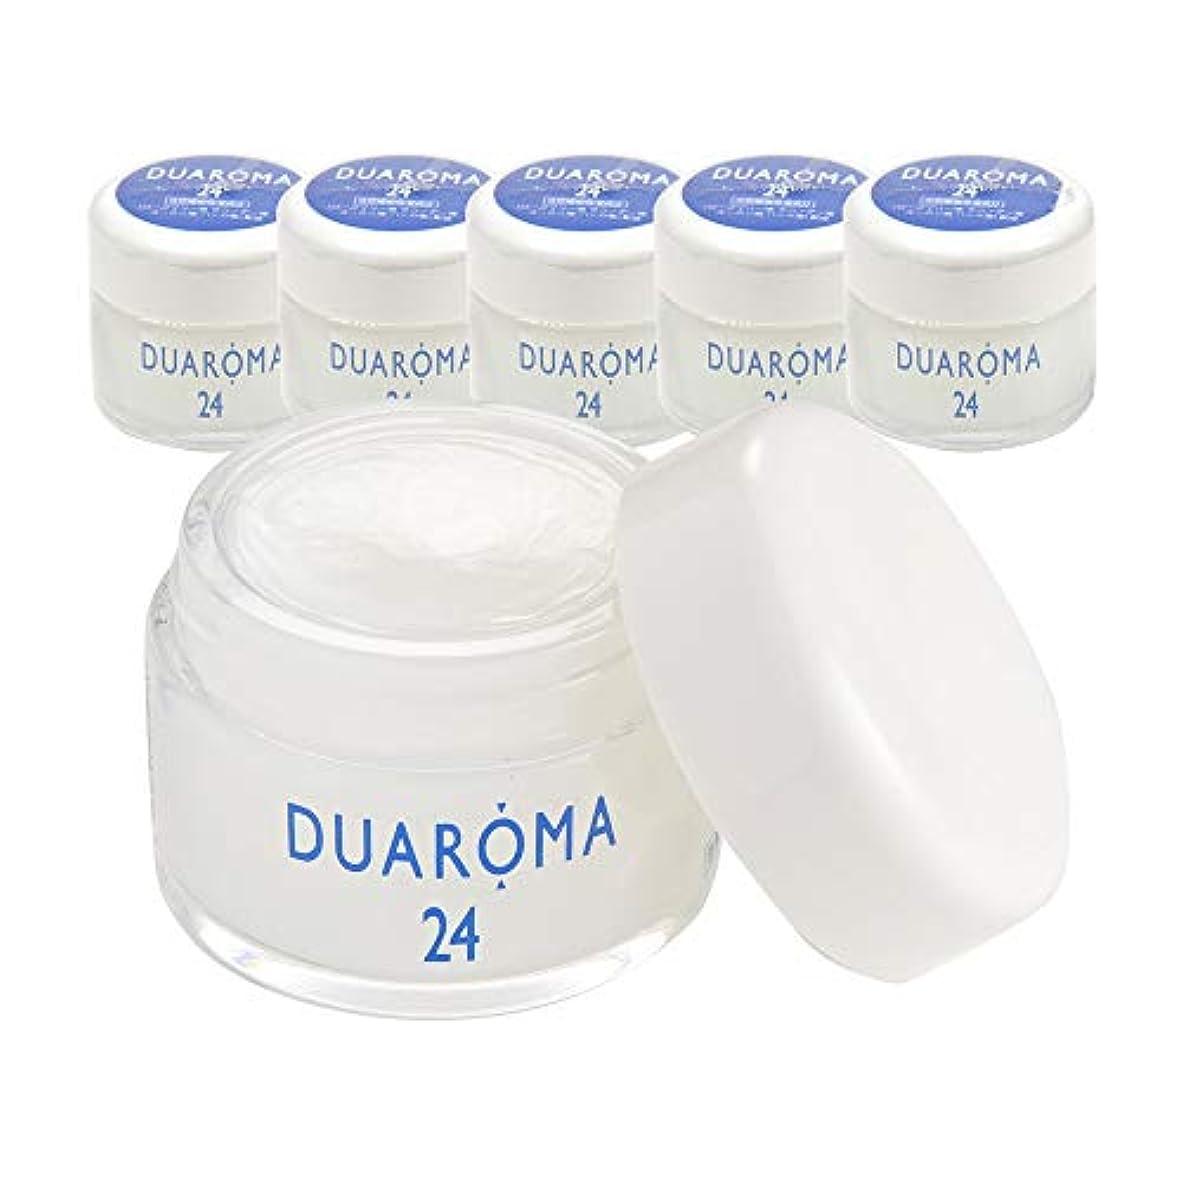 グローブスポンサー抽出デュアロマ24 薬用ハーブクリーム 40g (6個セット)